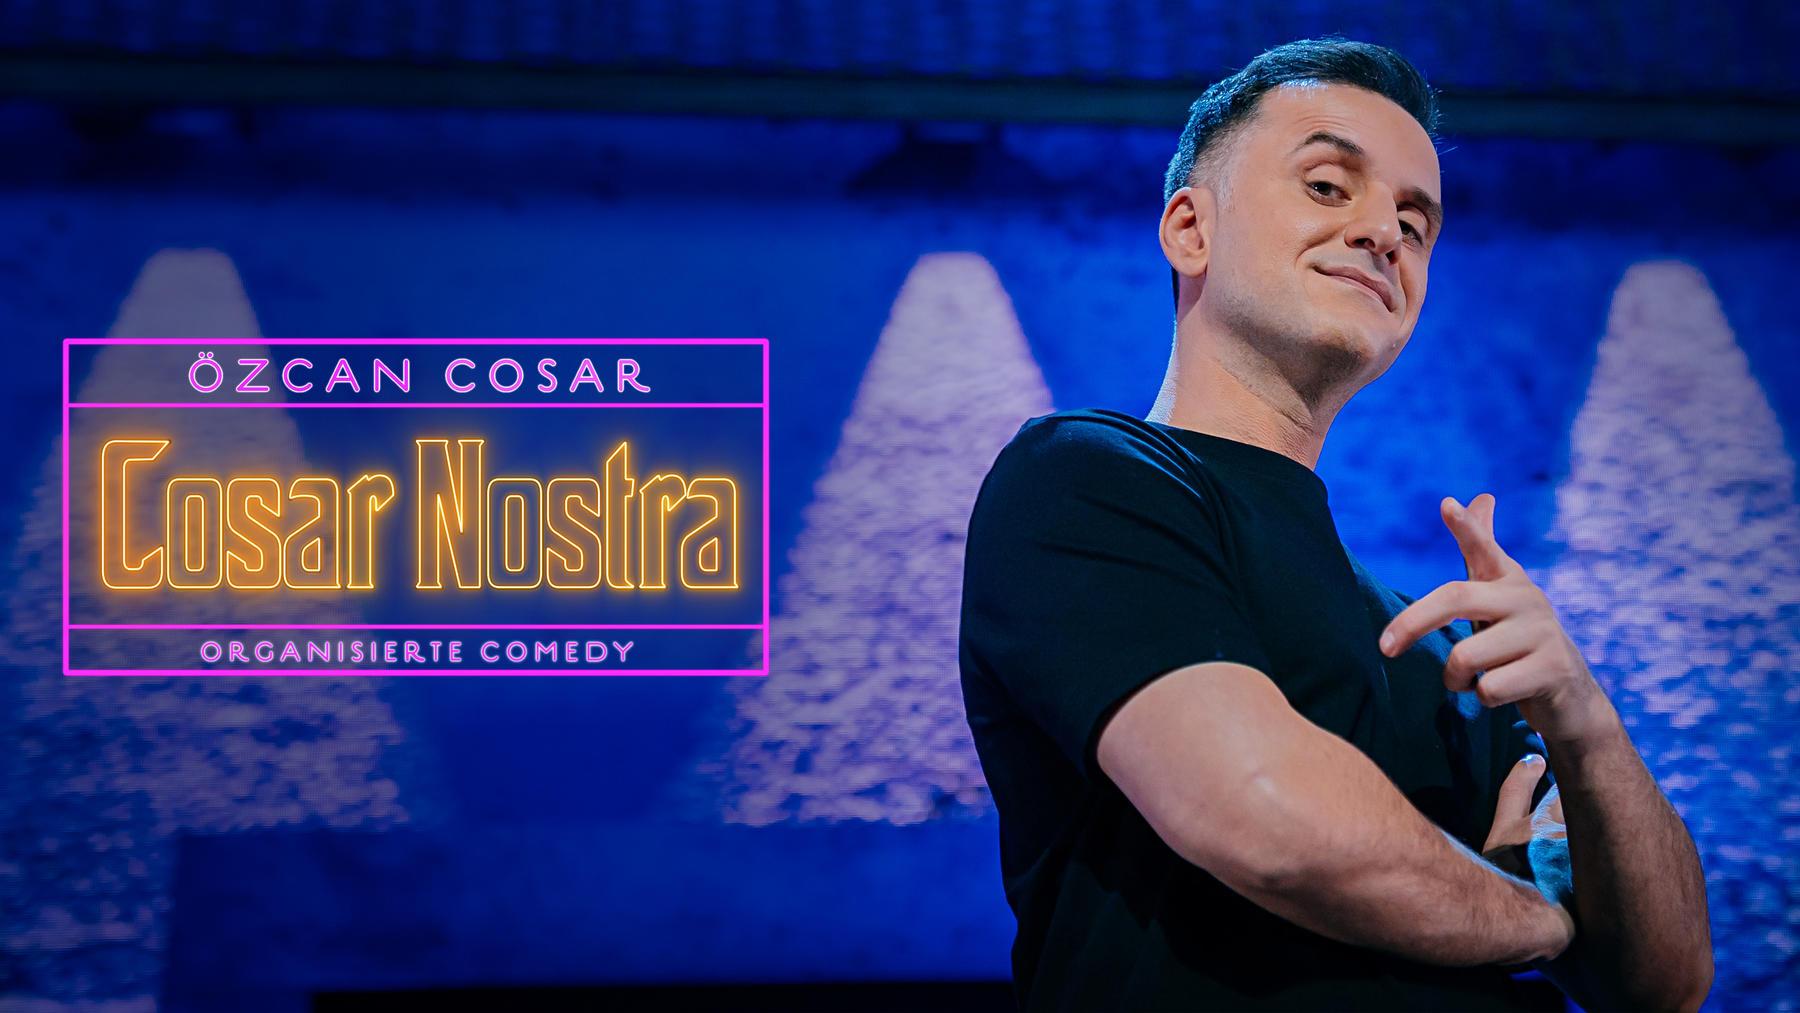 Özcan Cosar live